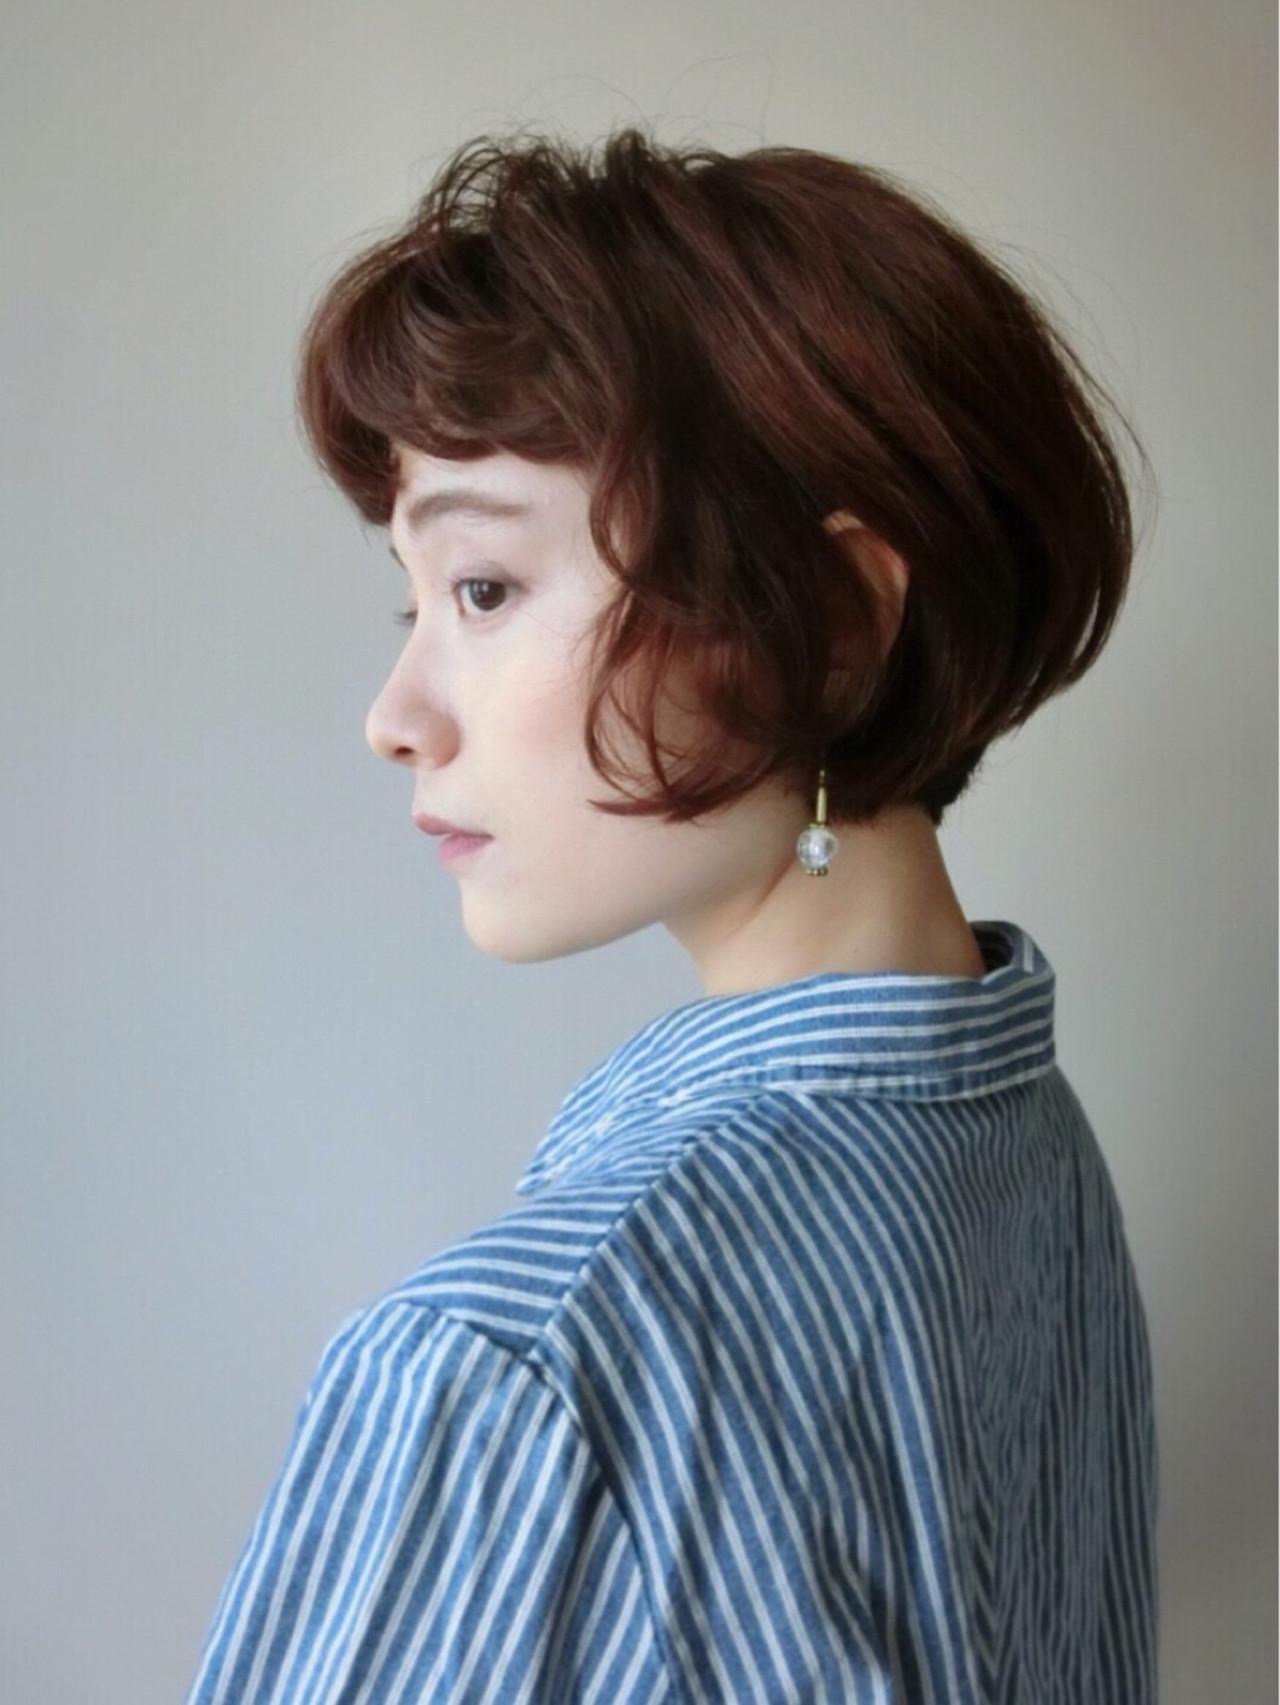 フレンチカジュアルなボブのダークブラウンカラー 尾花 佑輔beauty TUNE SHISEIDO